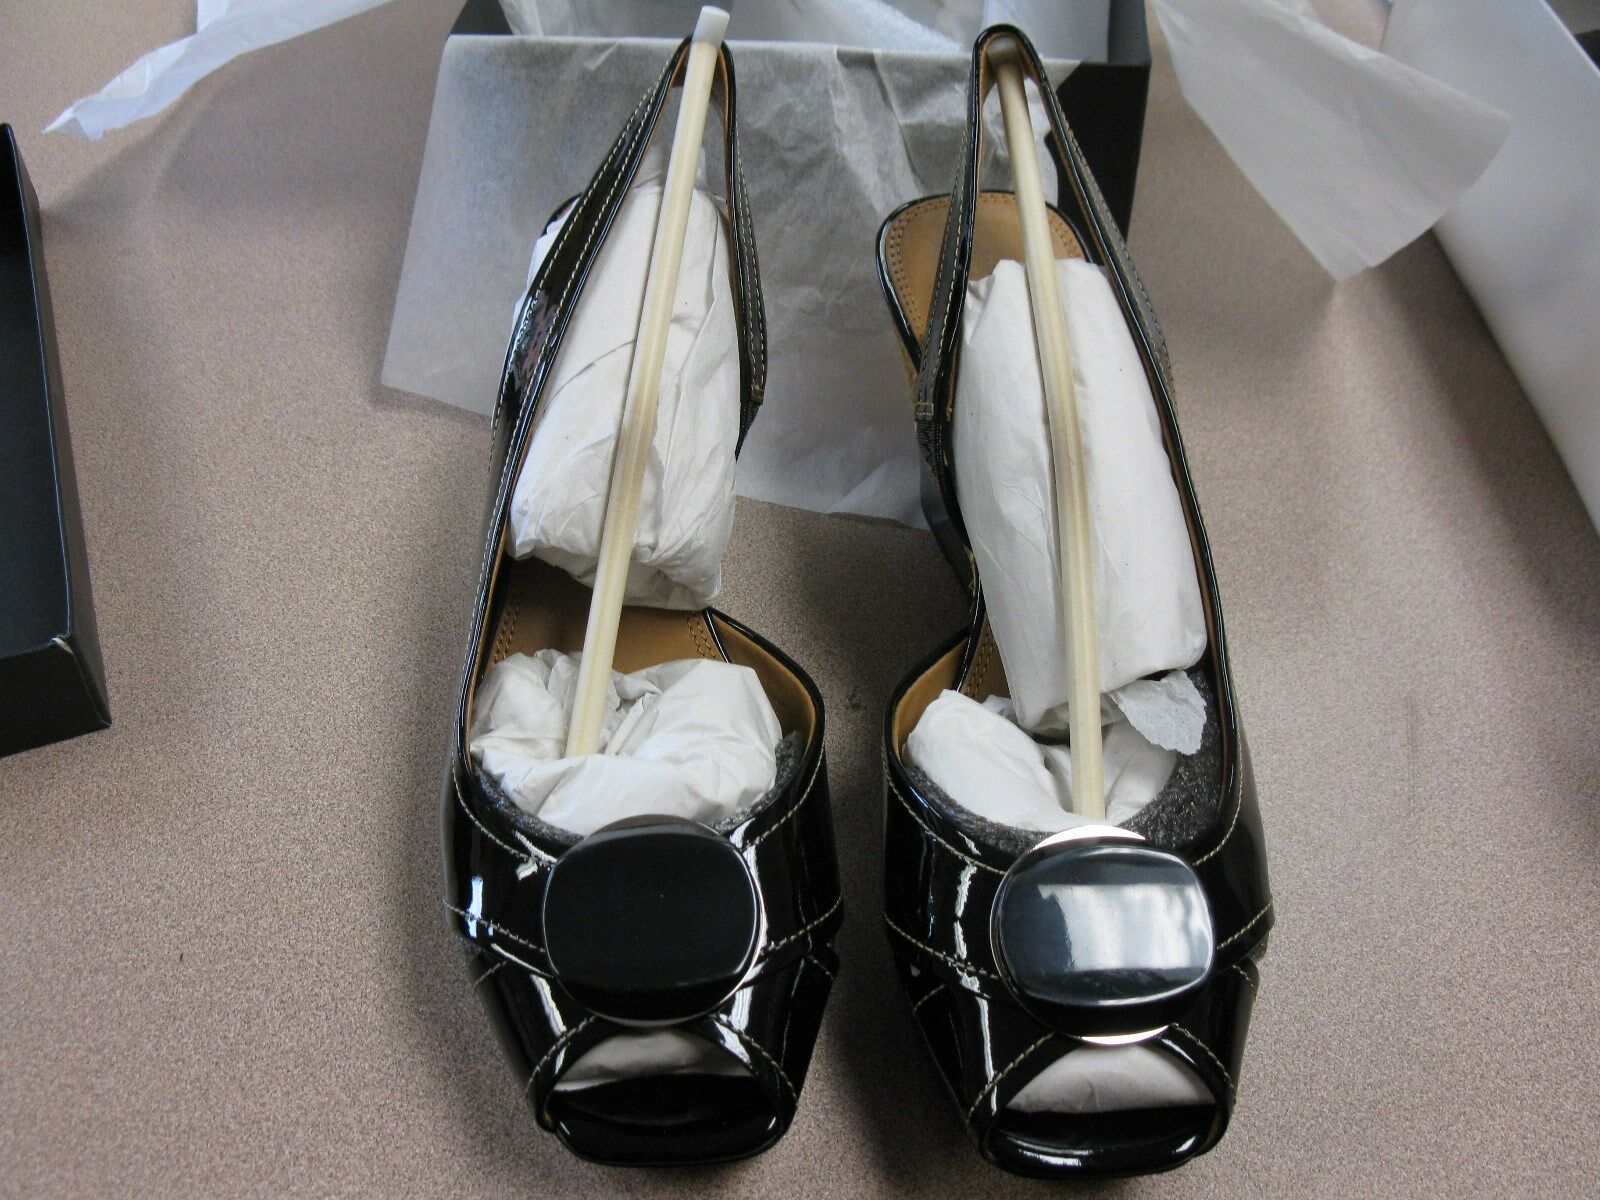 Sconto del 40% Tahari Pinnacle Dimensione 10M Platform Wedge Heel Open Open Open Toe Patent Leather Upper  negozio a basso costo